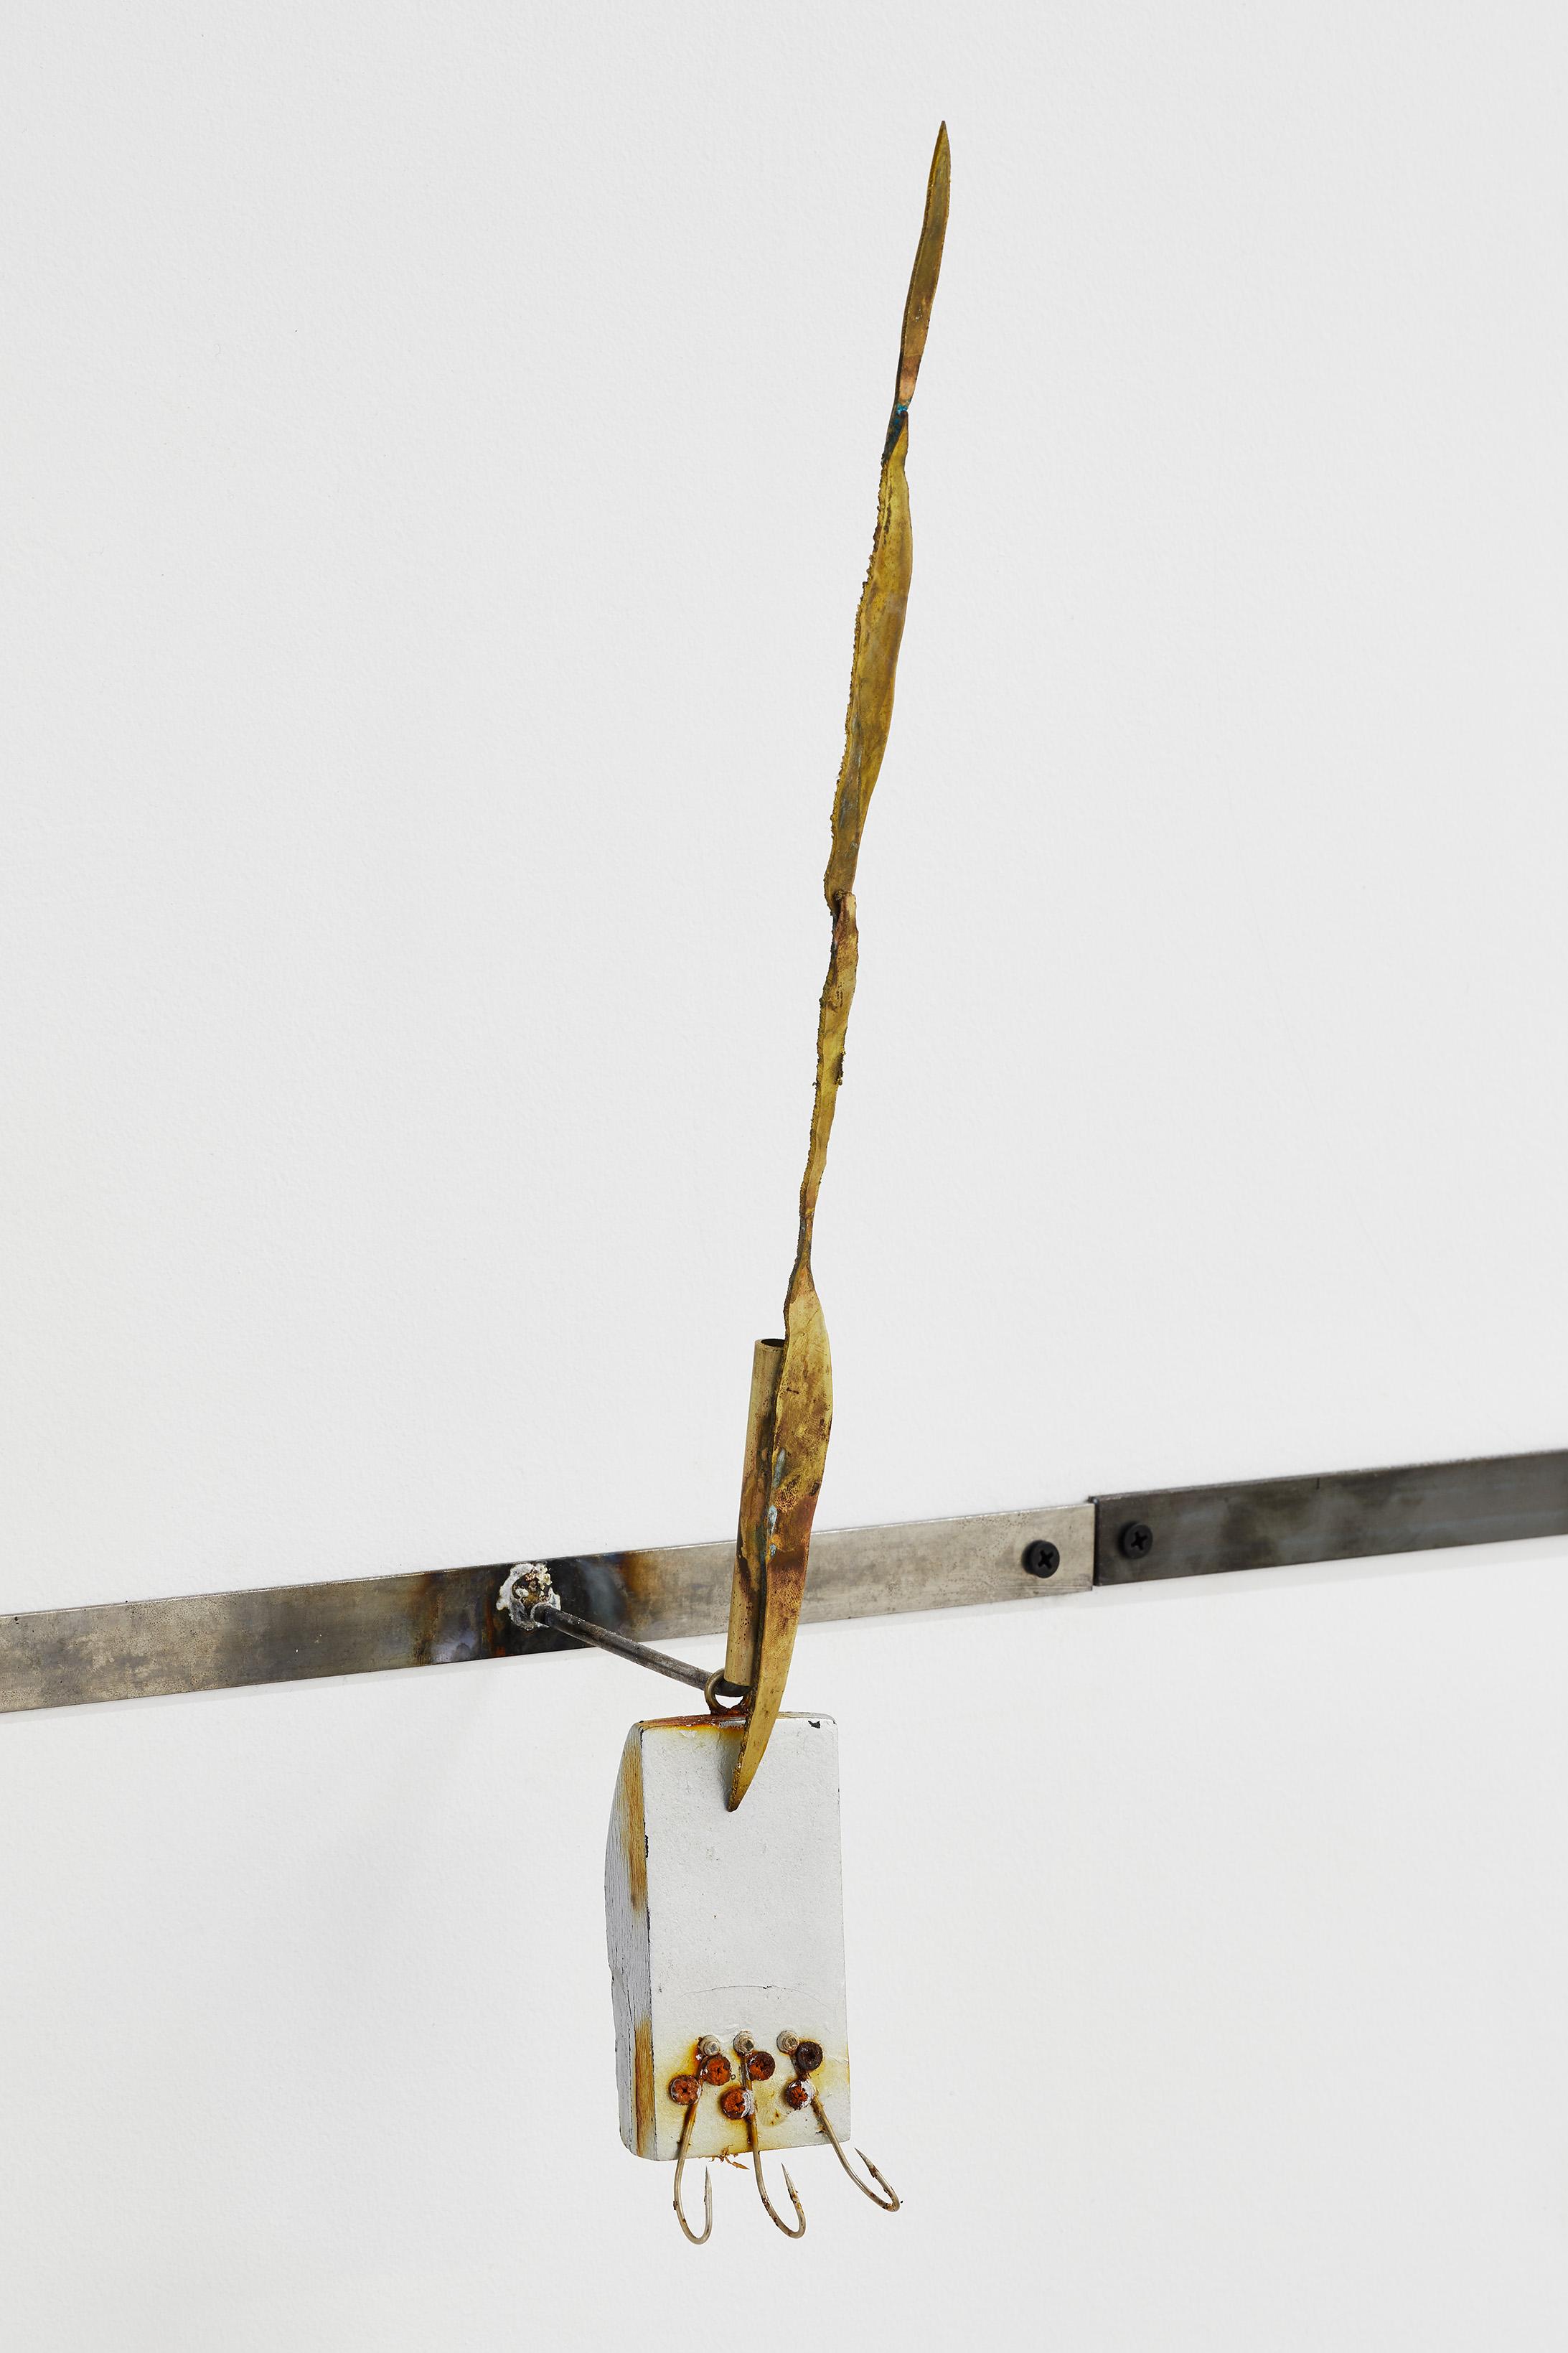 Haut fond , 2019. Laiton, acier, bois